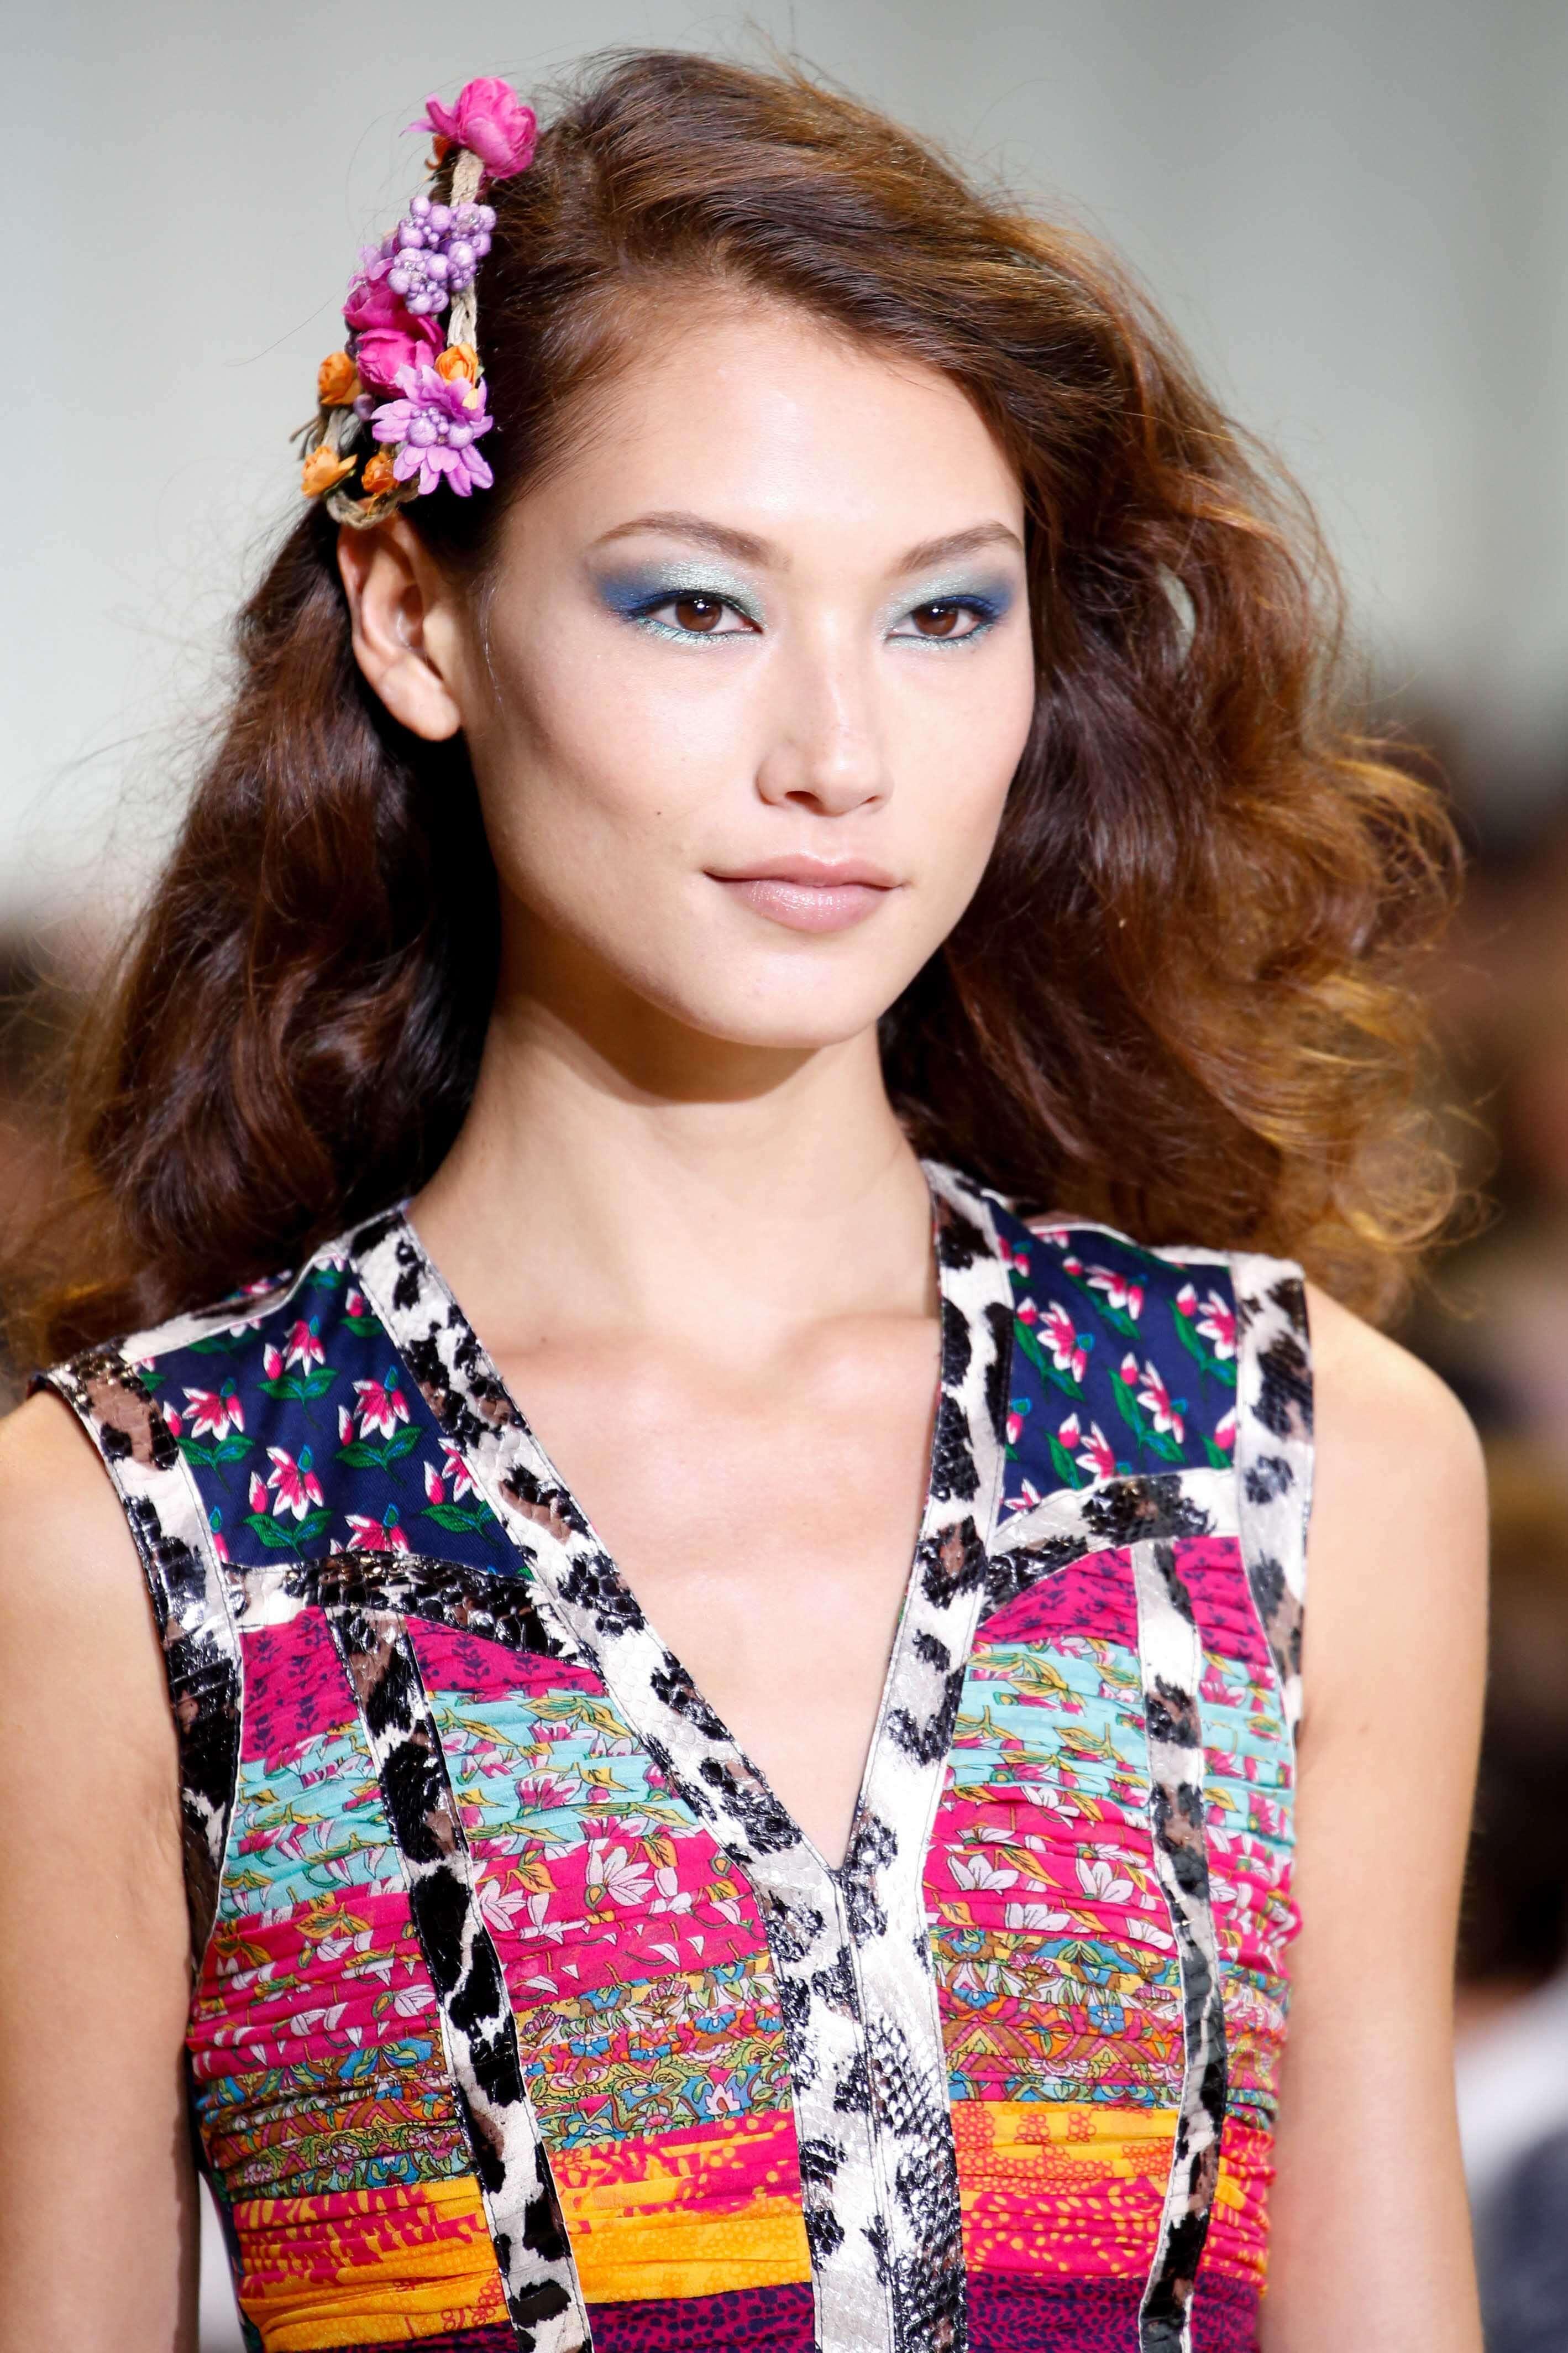 Coiffures asiatiques : Femme asiatique aux cheveux bouclés bruns caramels dorés avec un accessoire de cheveux floral portant une robe à motifs.